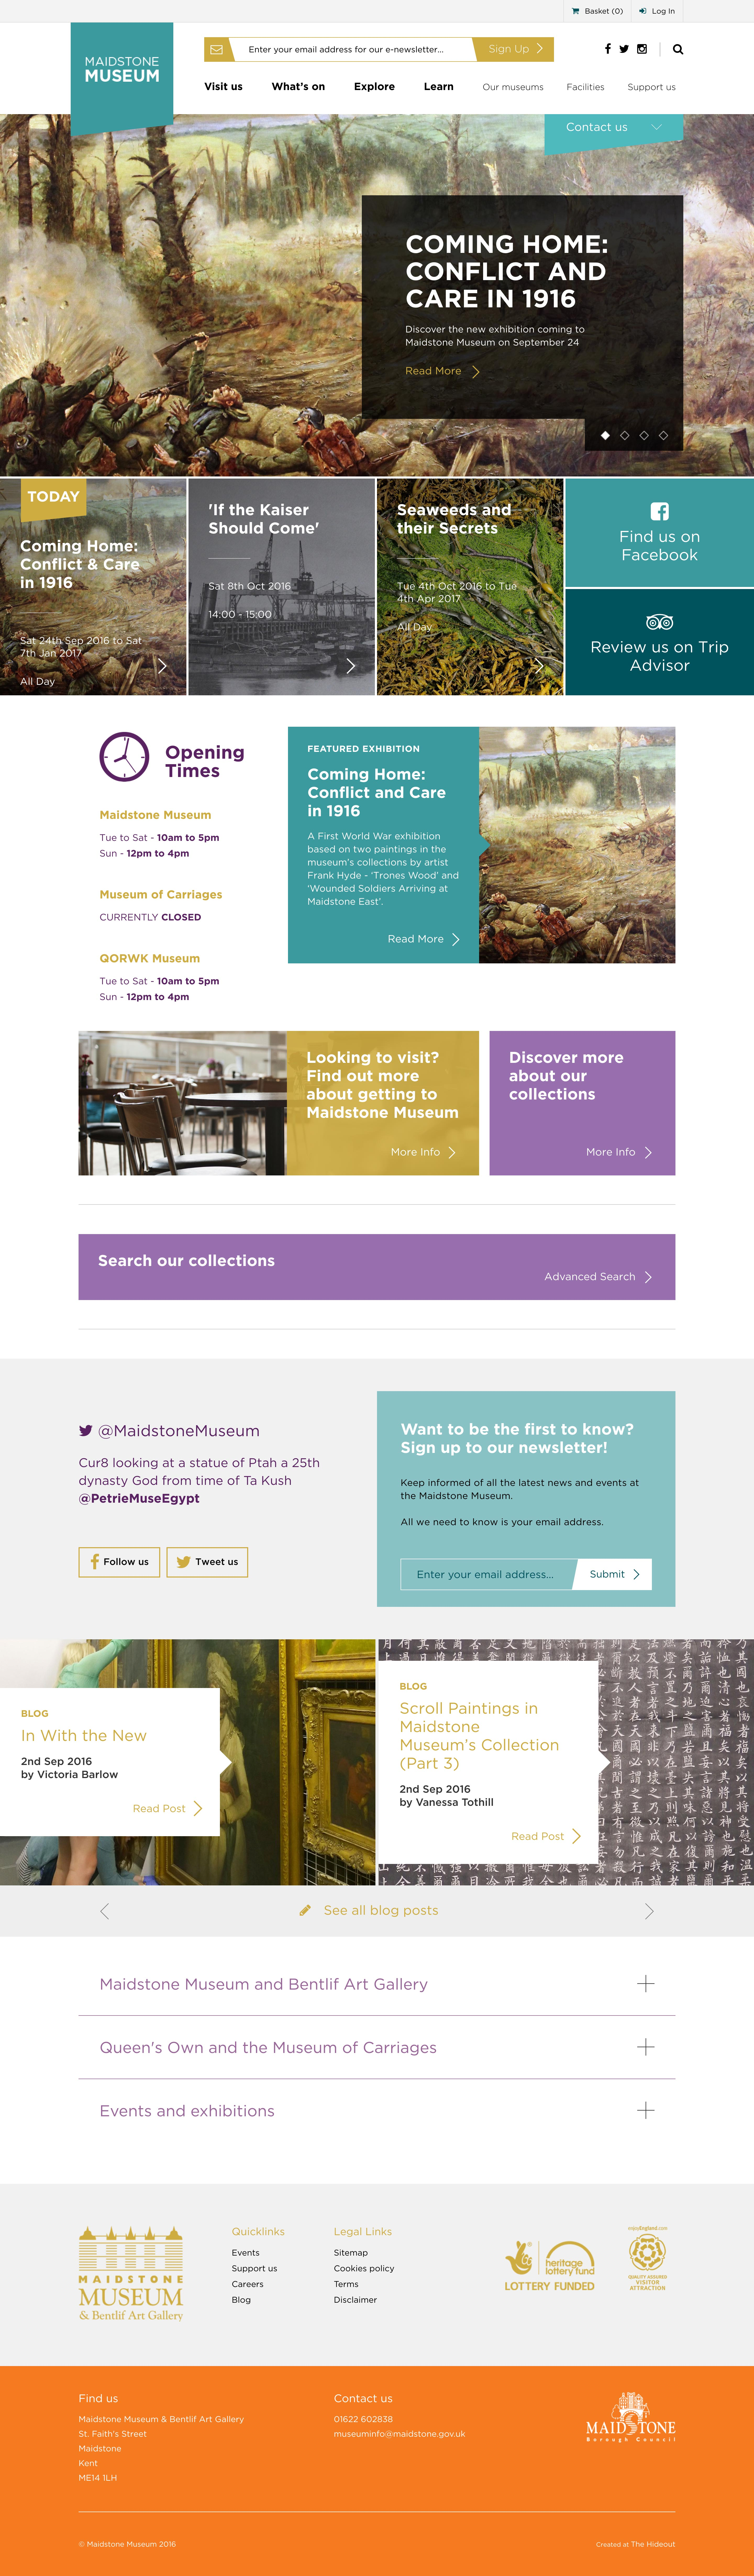 desktop-site-example-maidstone-museum